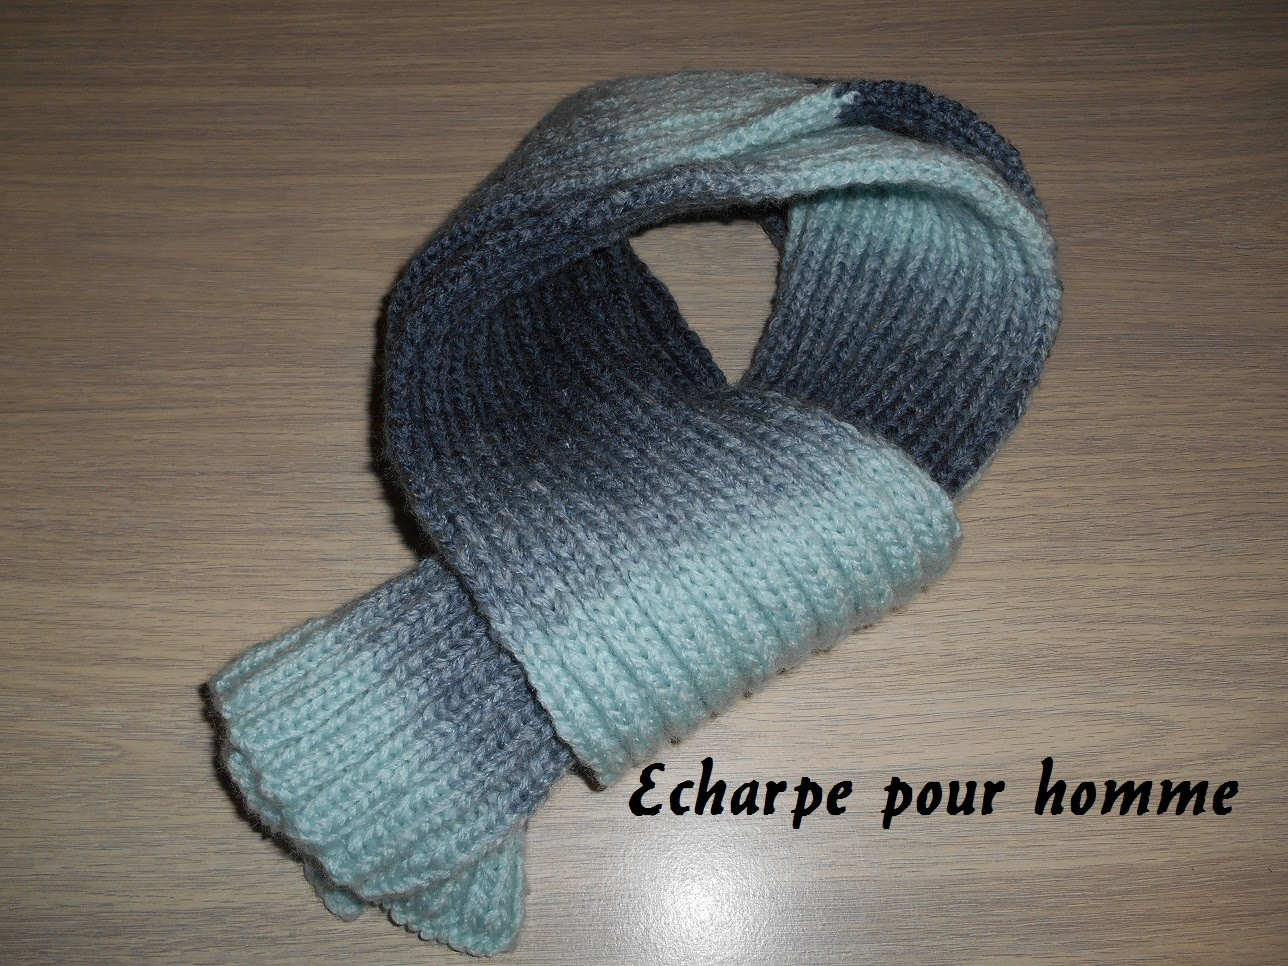 Tricoter une echarpe homme debutant - Idée pour s habiller 850051ad0b5